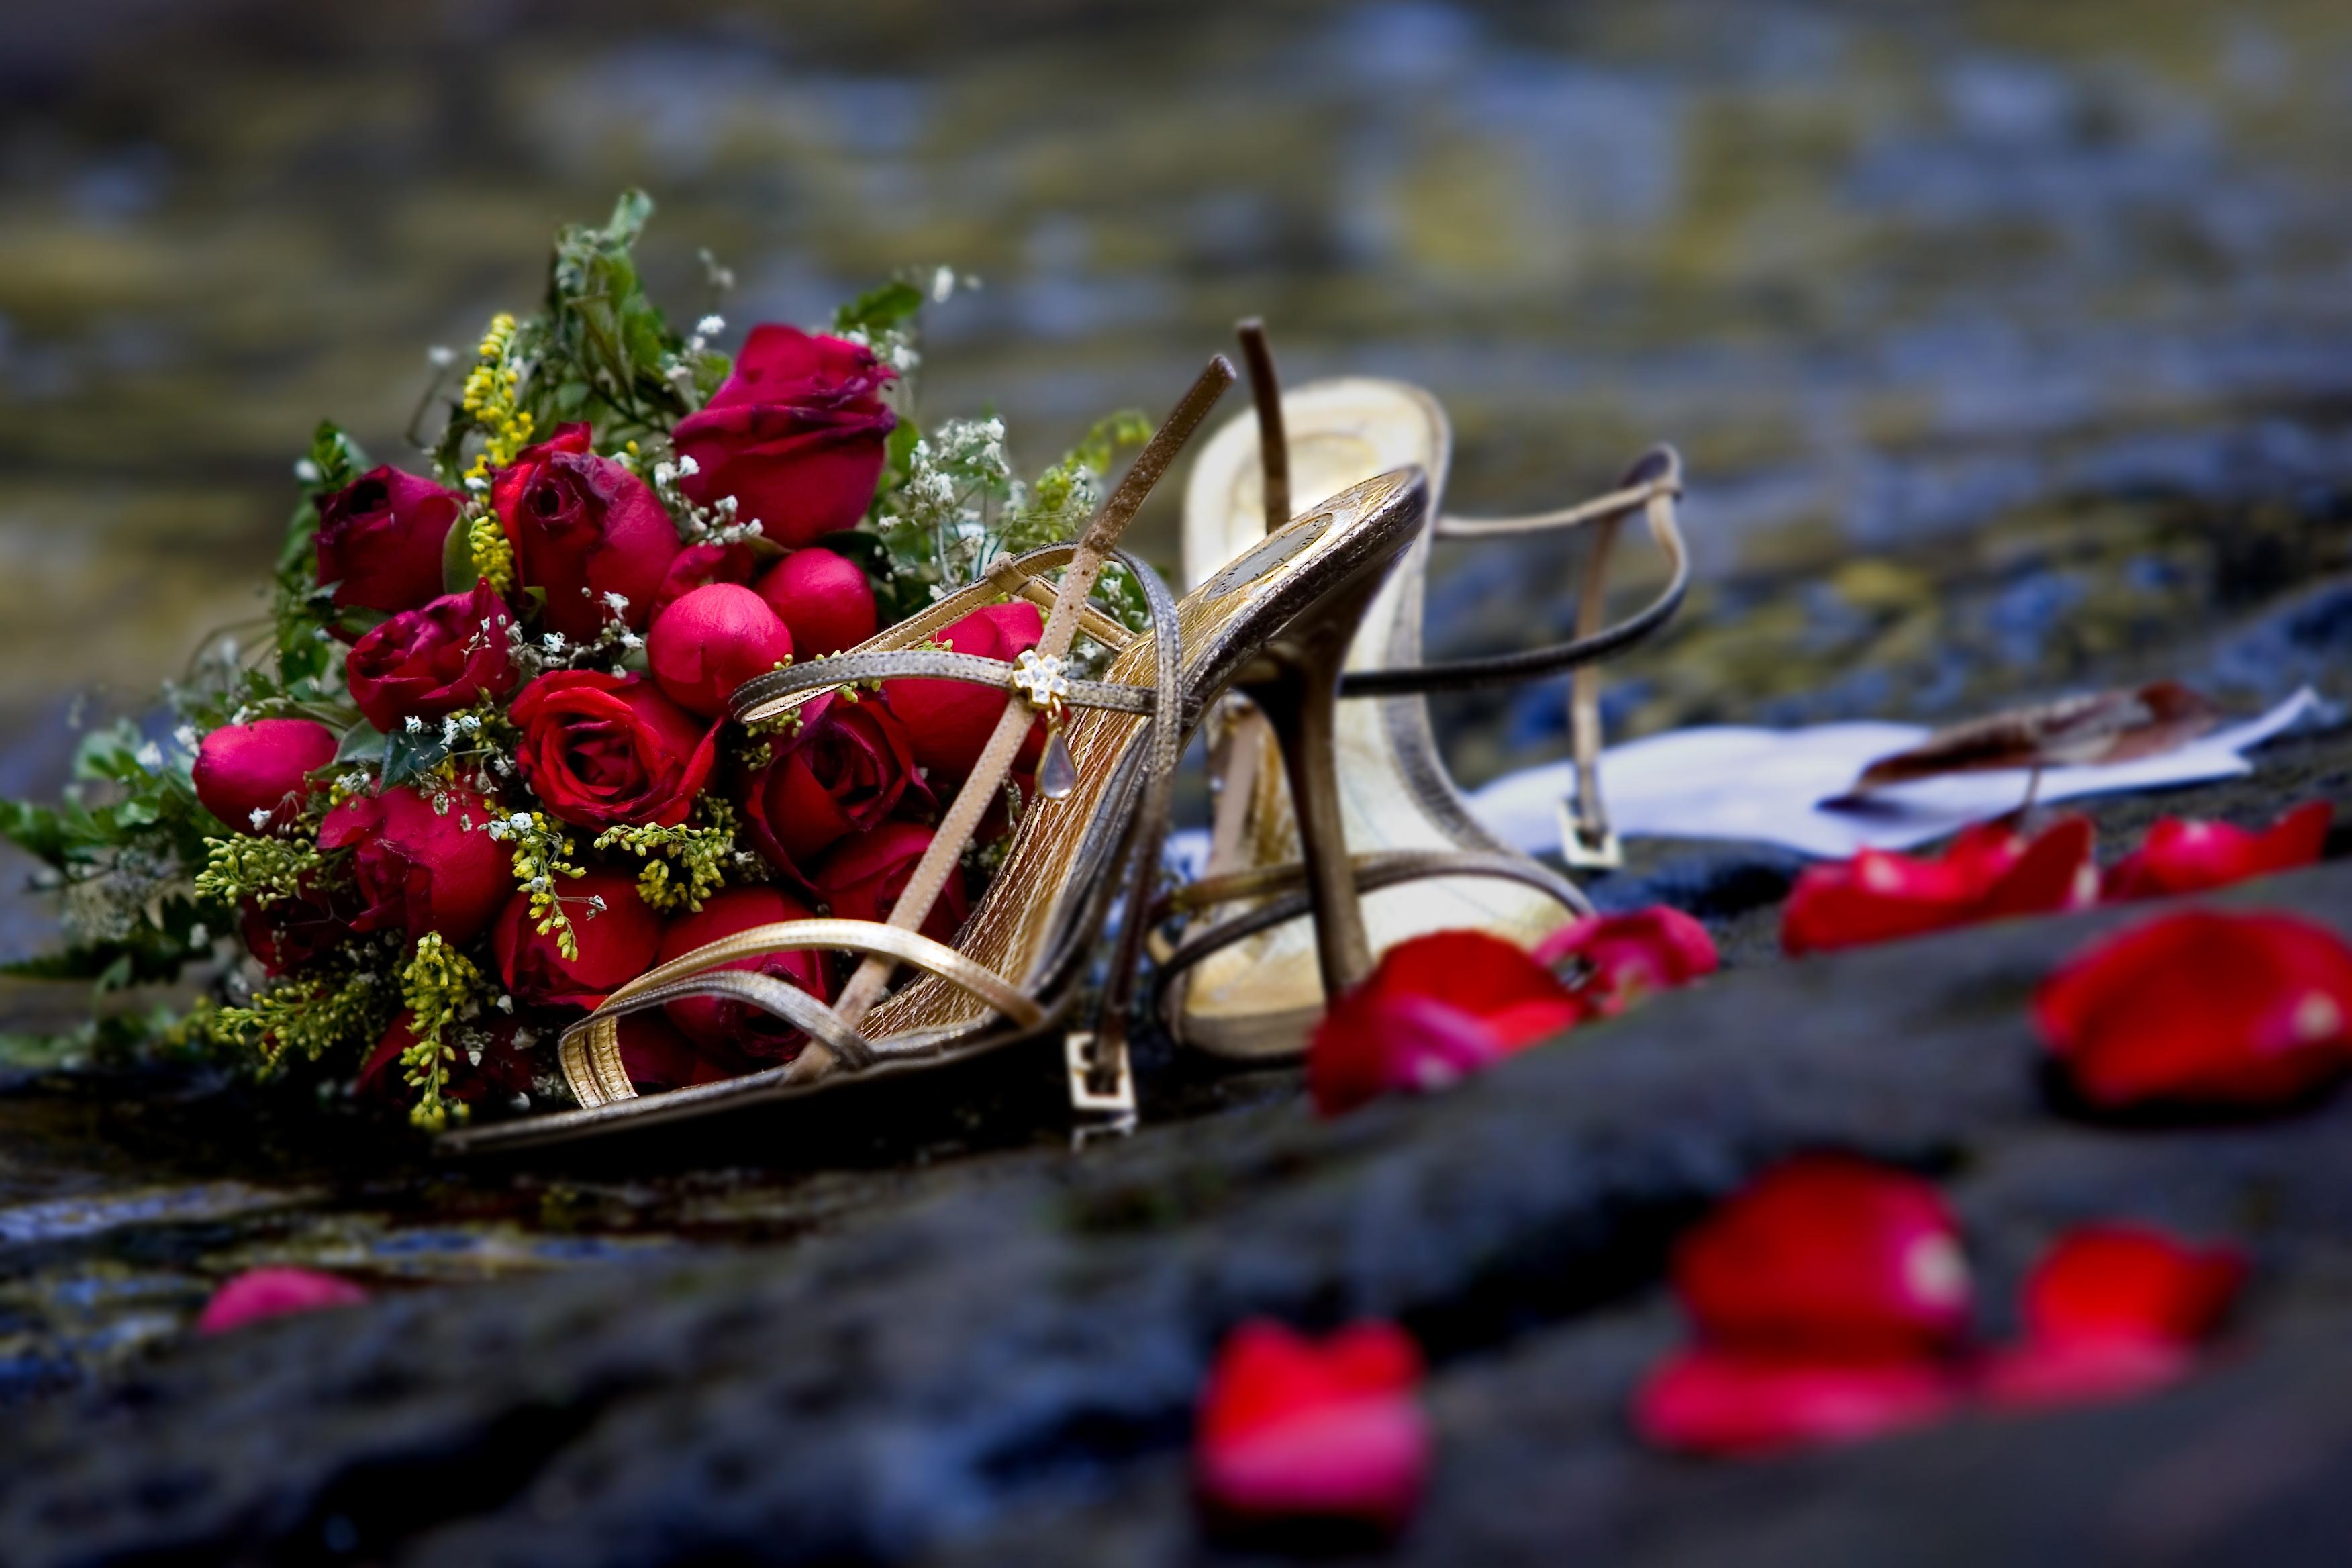 148480 Hintergrundbild herunterladen Blumen, Roses, Blütenblätter, Strauß, Bouquet, Romantik, Schuhe - Bildschirmschoner und Bilder kostenlos